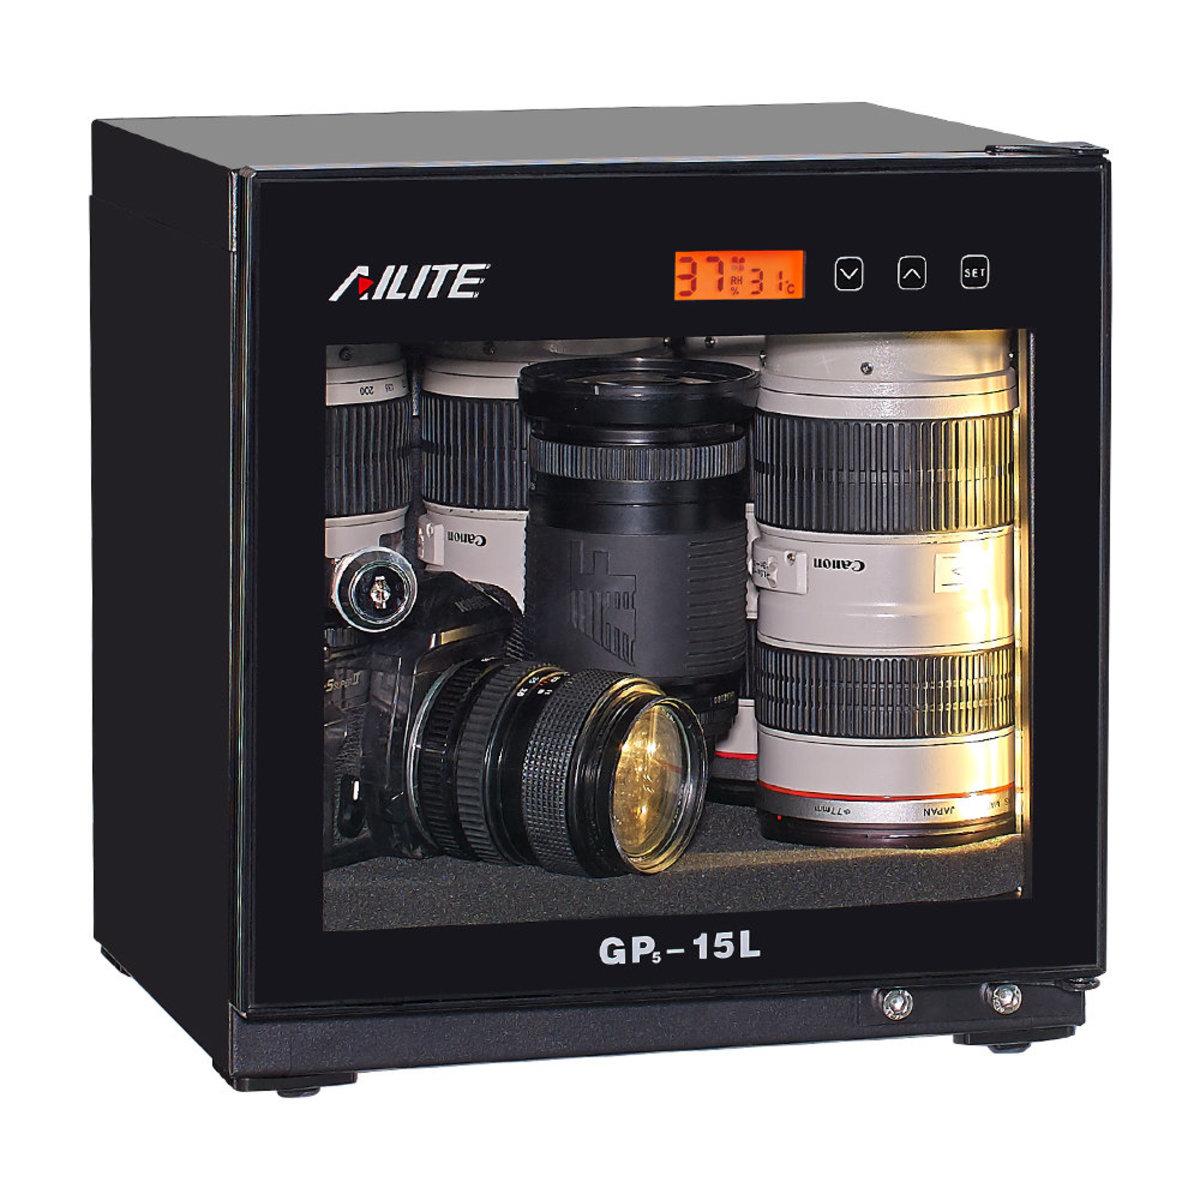 AiLite GP5-15L 15公升真電子防潮箱(電子控制版)